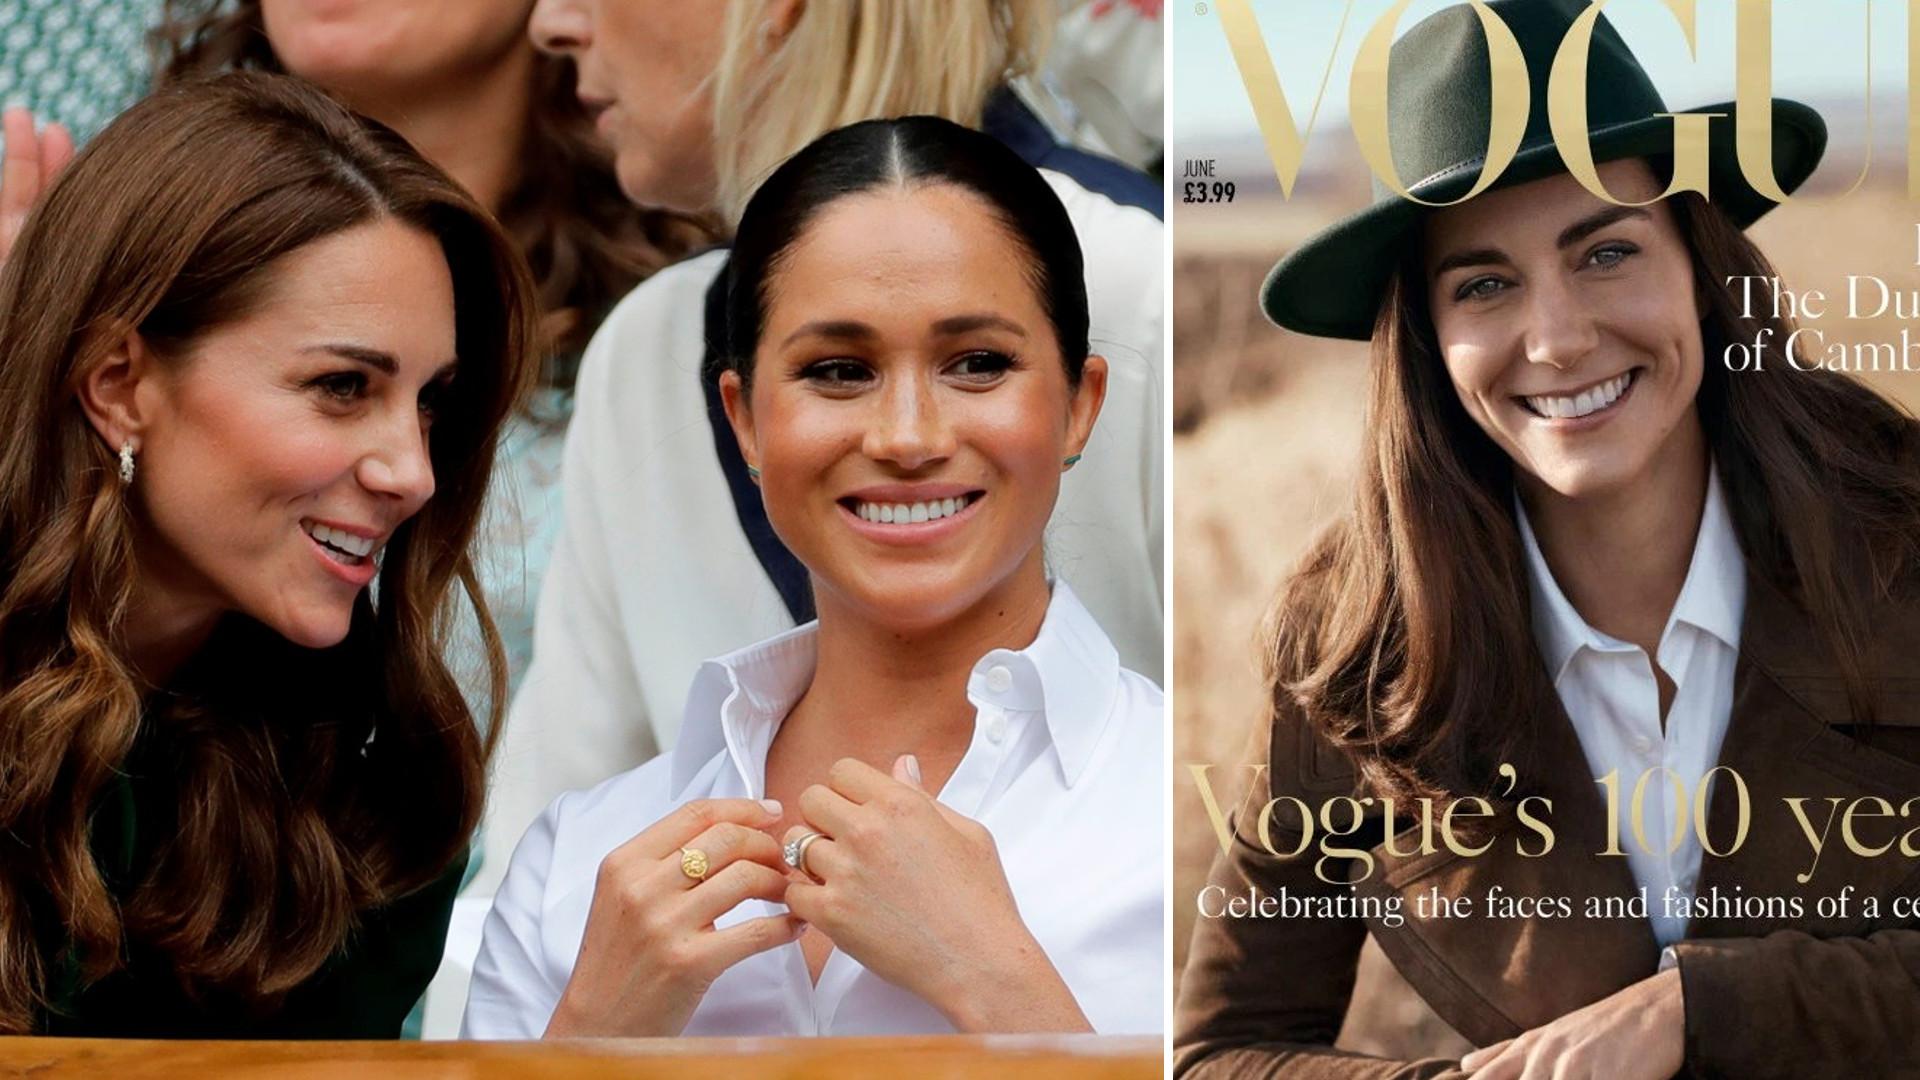 TO DLATEGO Meghan Markle NIE CHCIAŁA pojawić się na okładce Vogue – Kate Middleton zgodziła się w 2016 roku